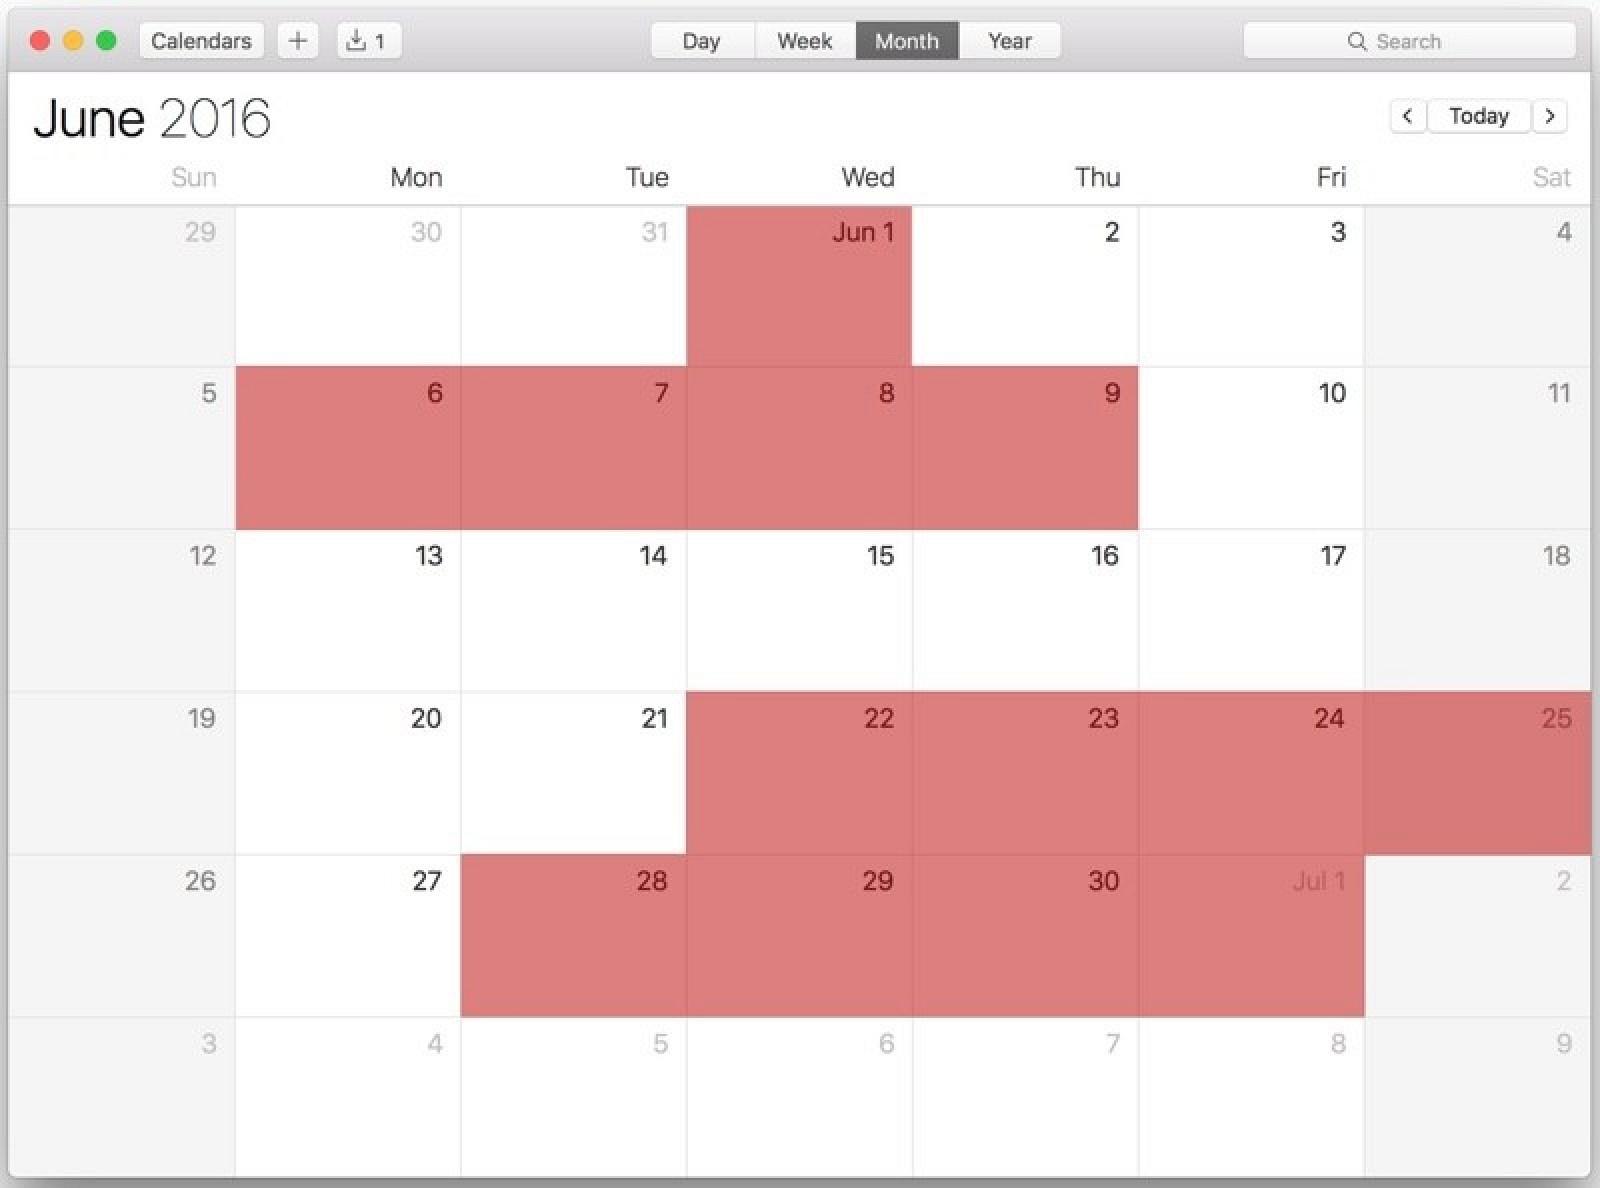 WWDC'16 скорее всего пройдет с 13 по 17 июня